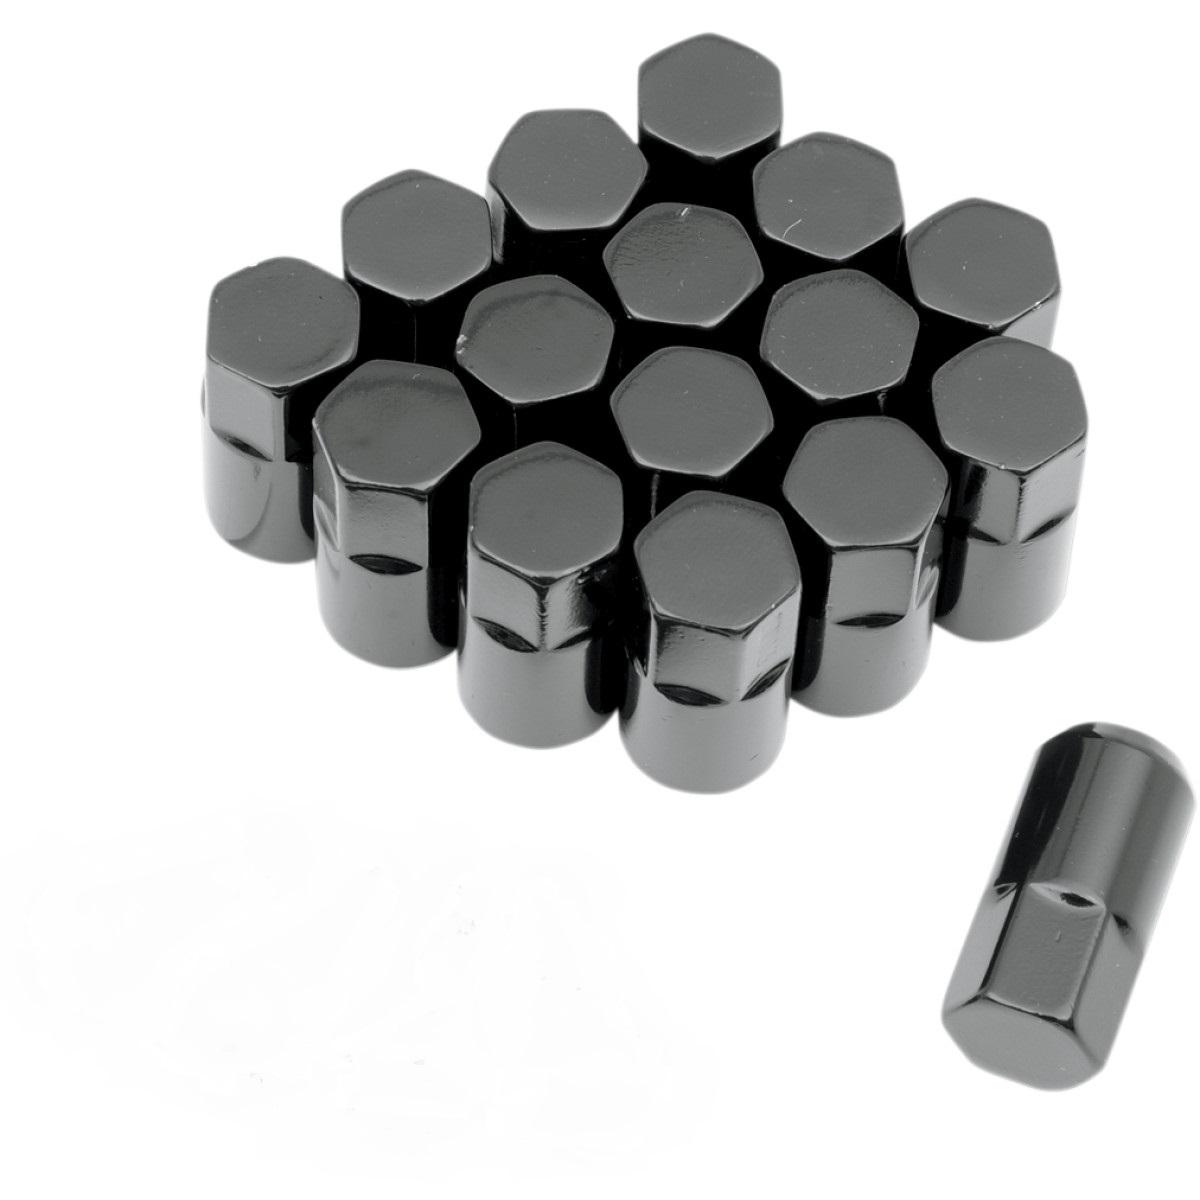 Moose musta mutterisarja 10x1,25 mm 60 asteen suoralla kartiolla 17 mm avaimelle